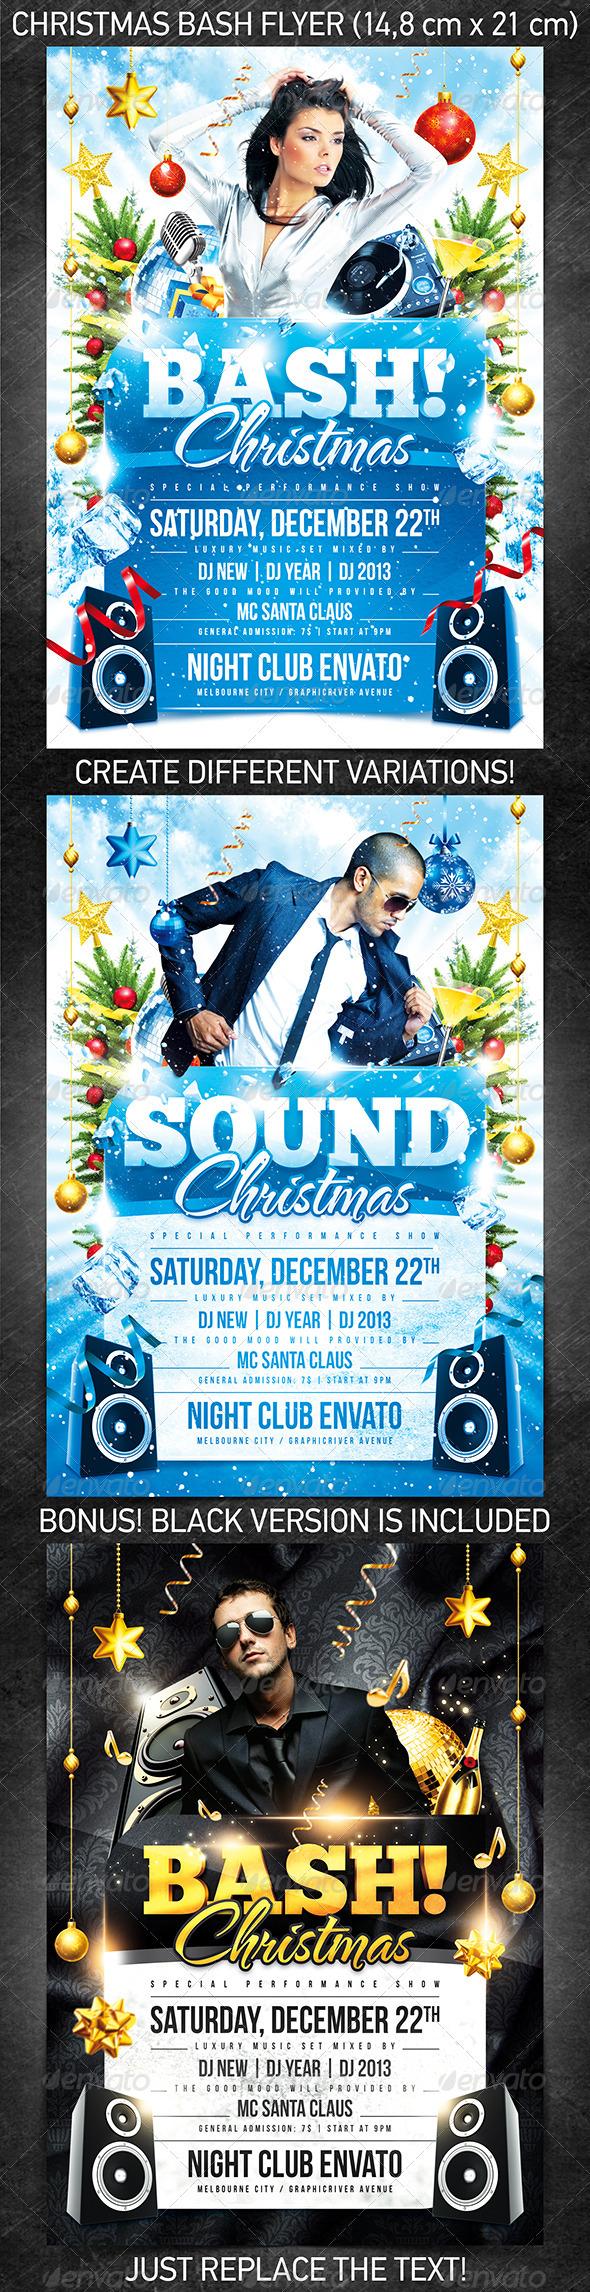 GraphicRiver Christmas Bash Flyer Template 3549117